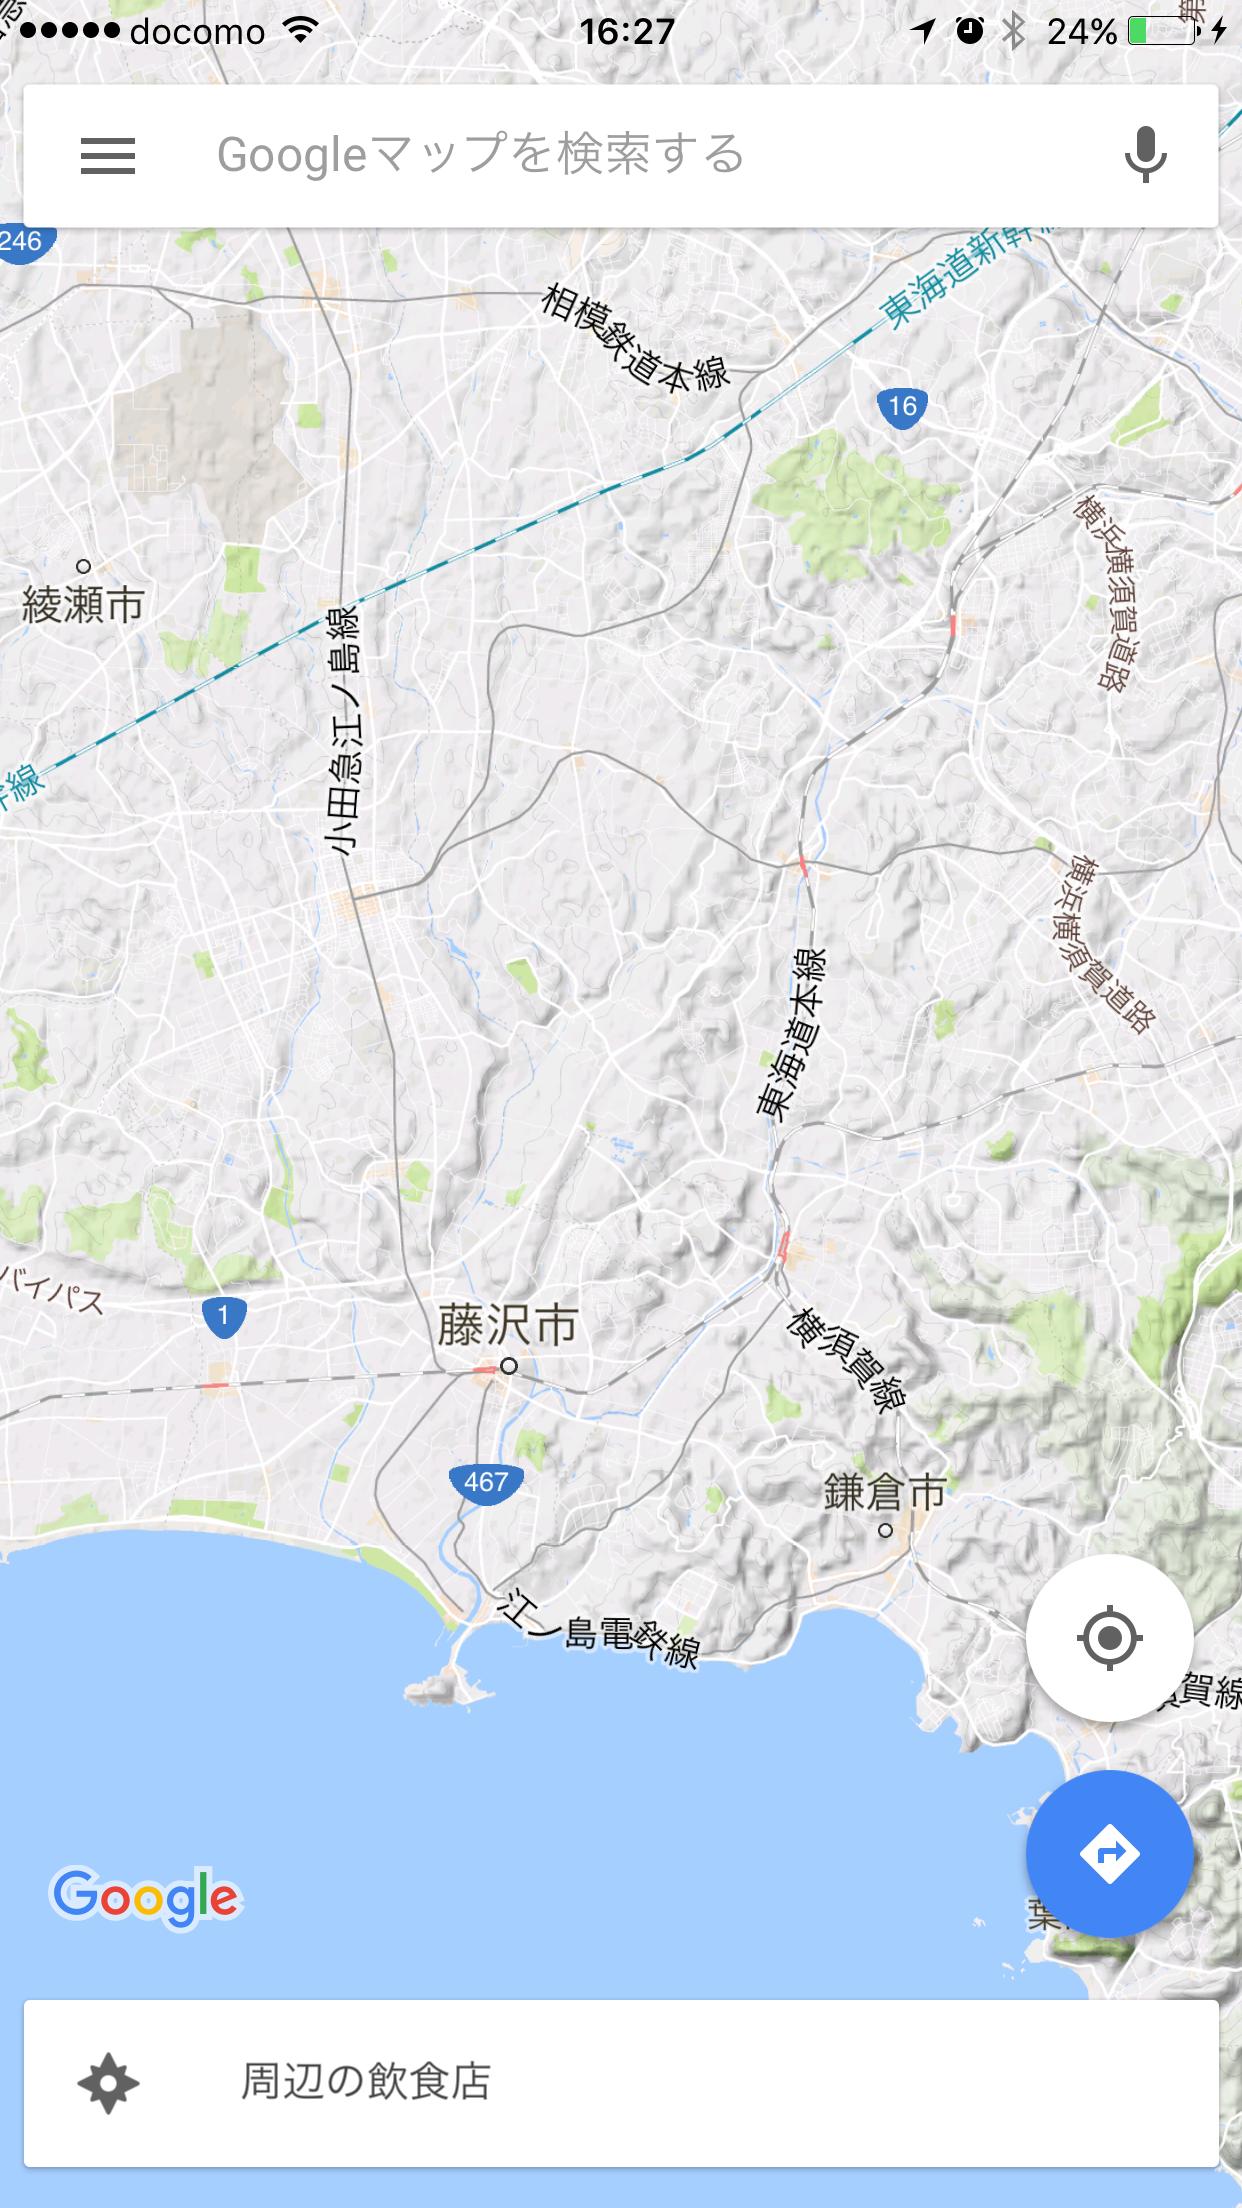 グーグルマップの地形